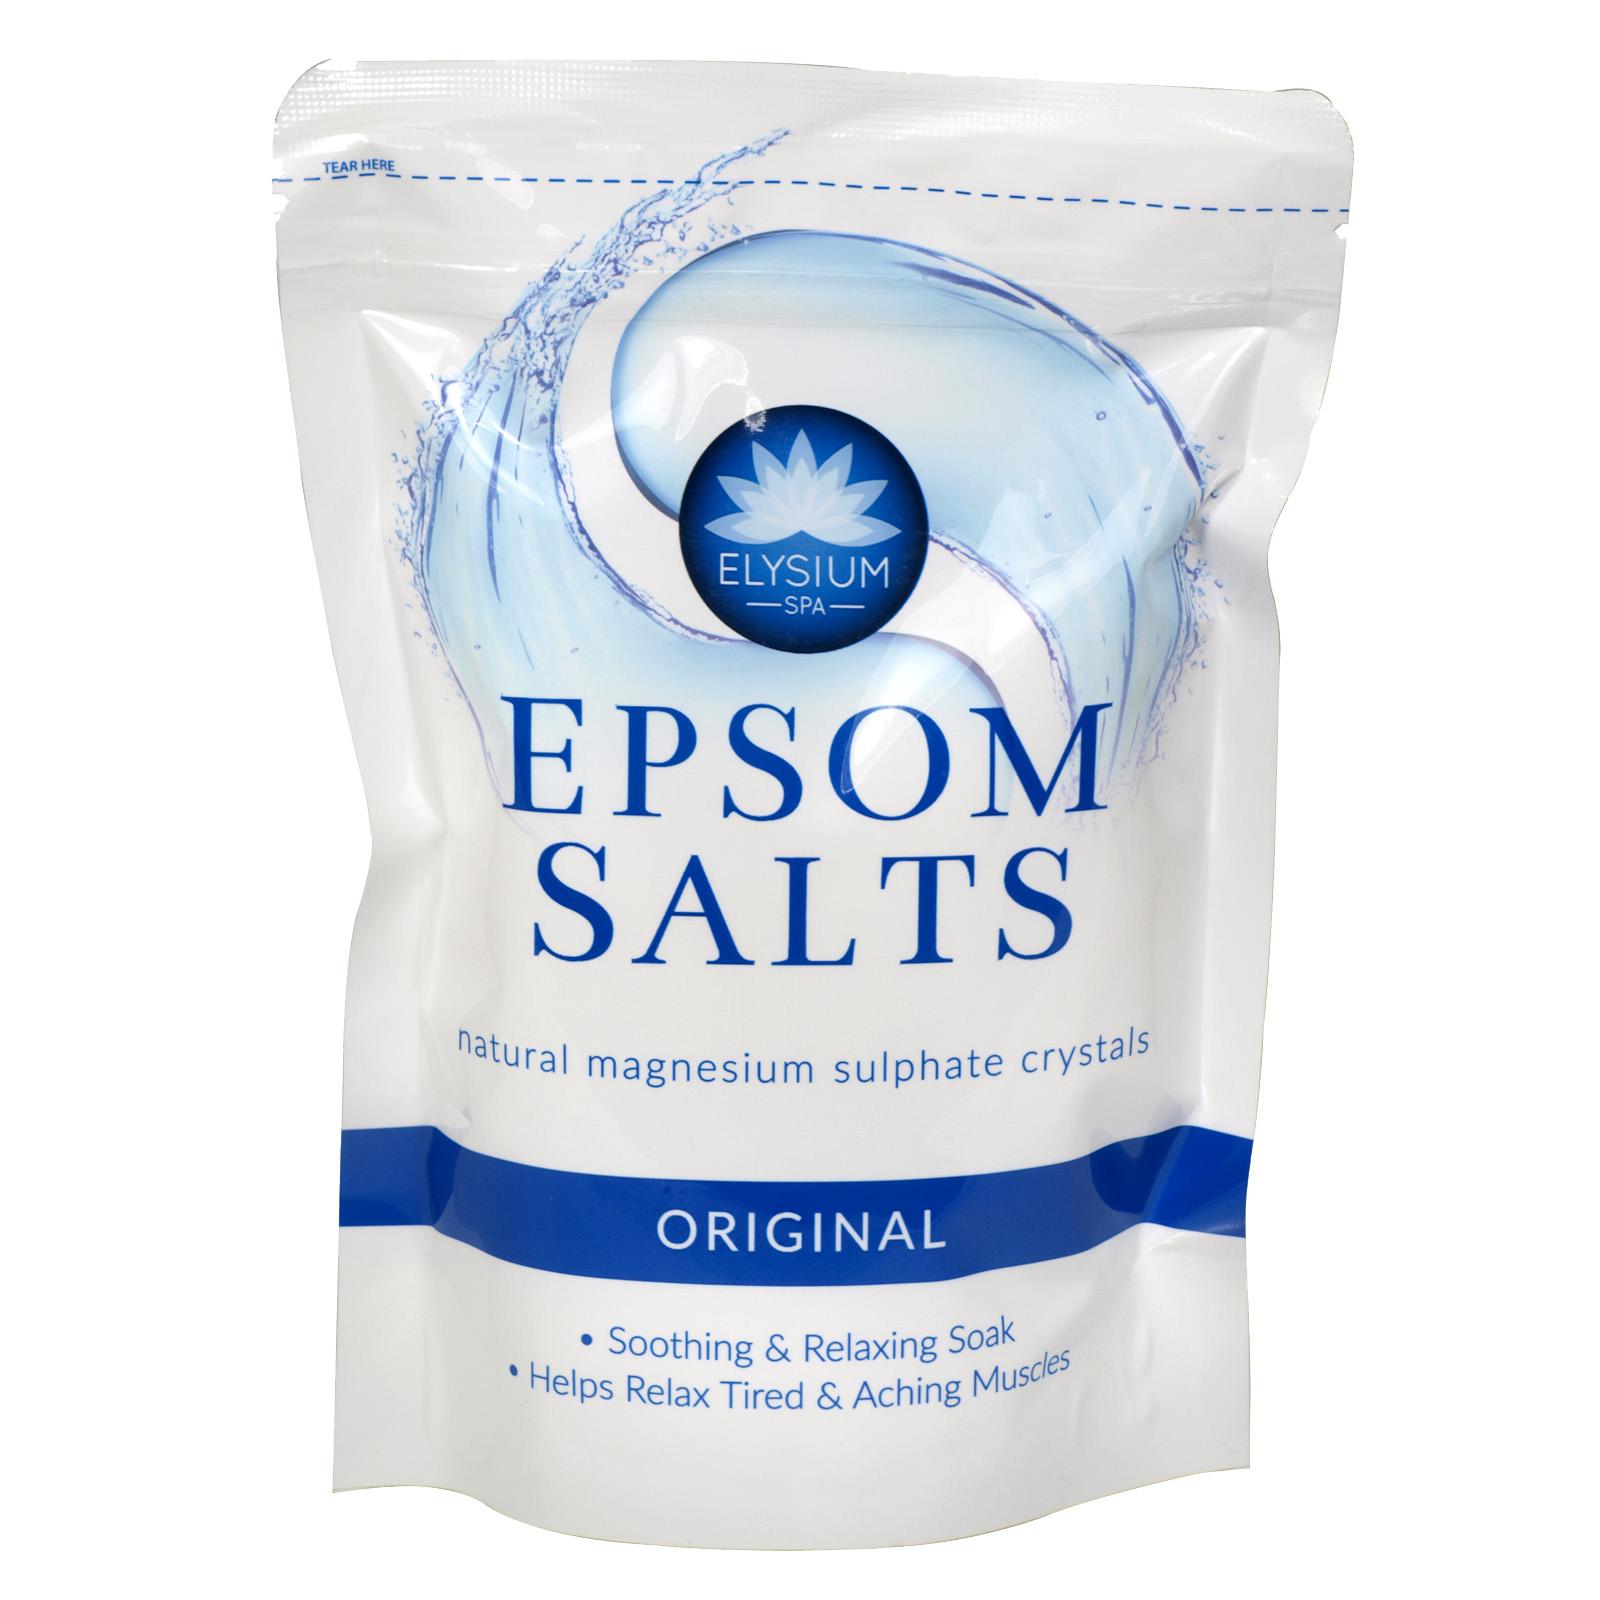 ELYSIUM EPSOM SALTS 450G ORIGINAL X12